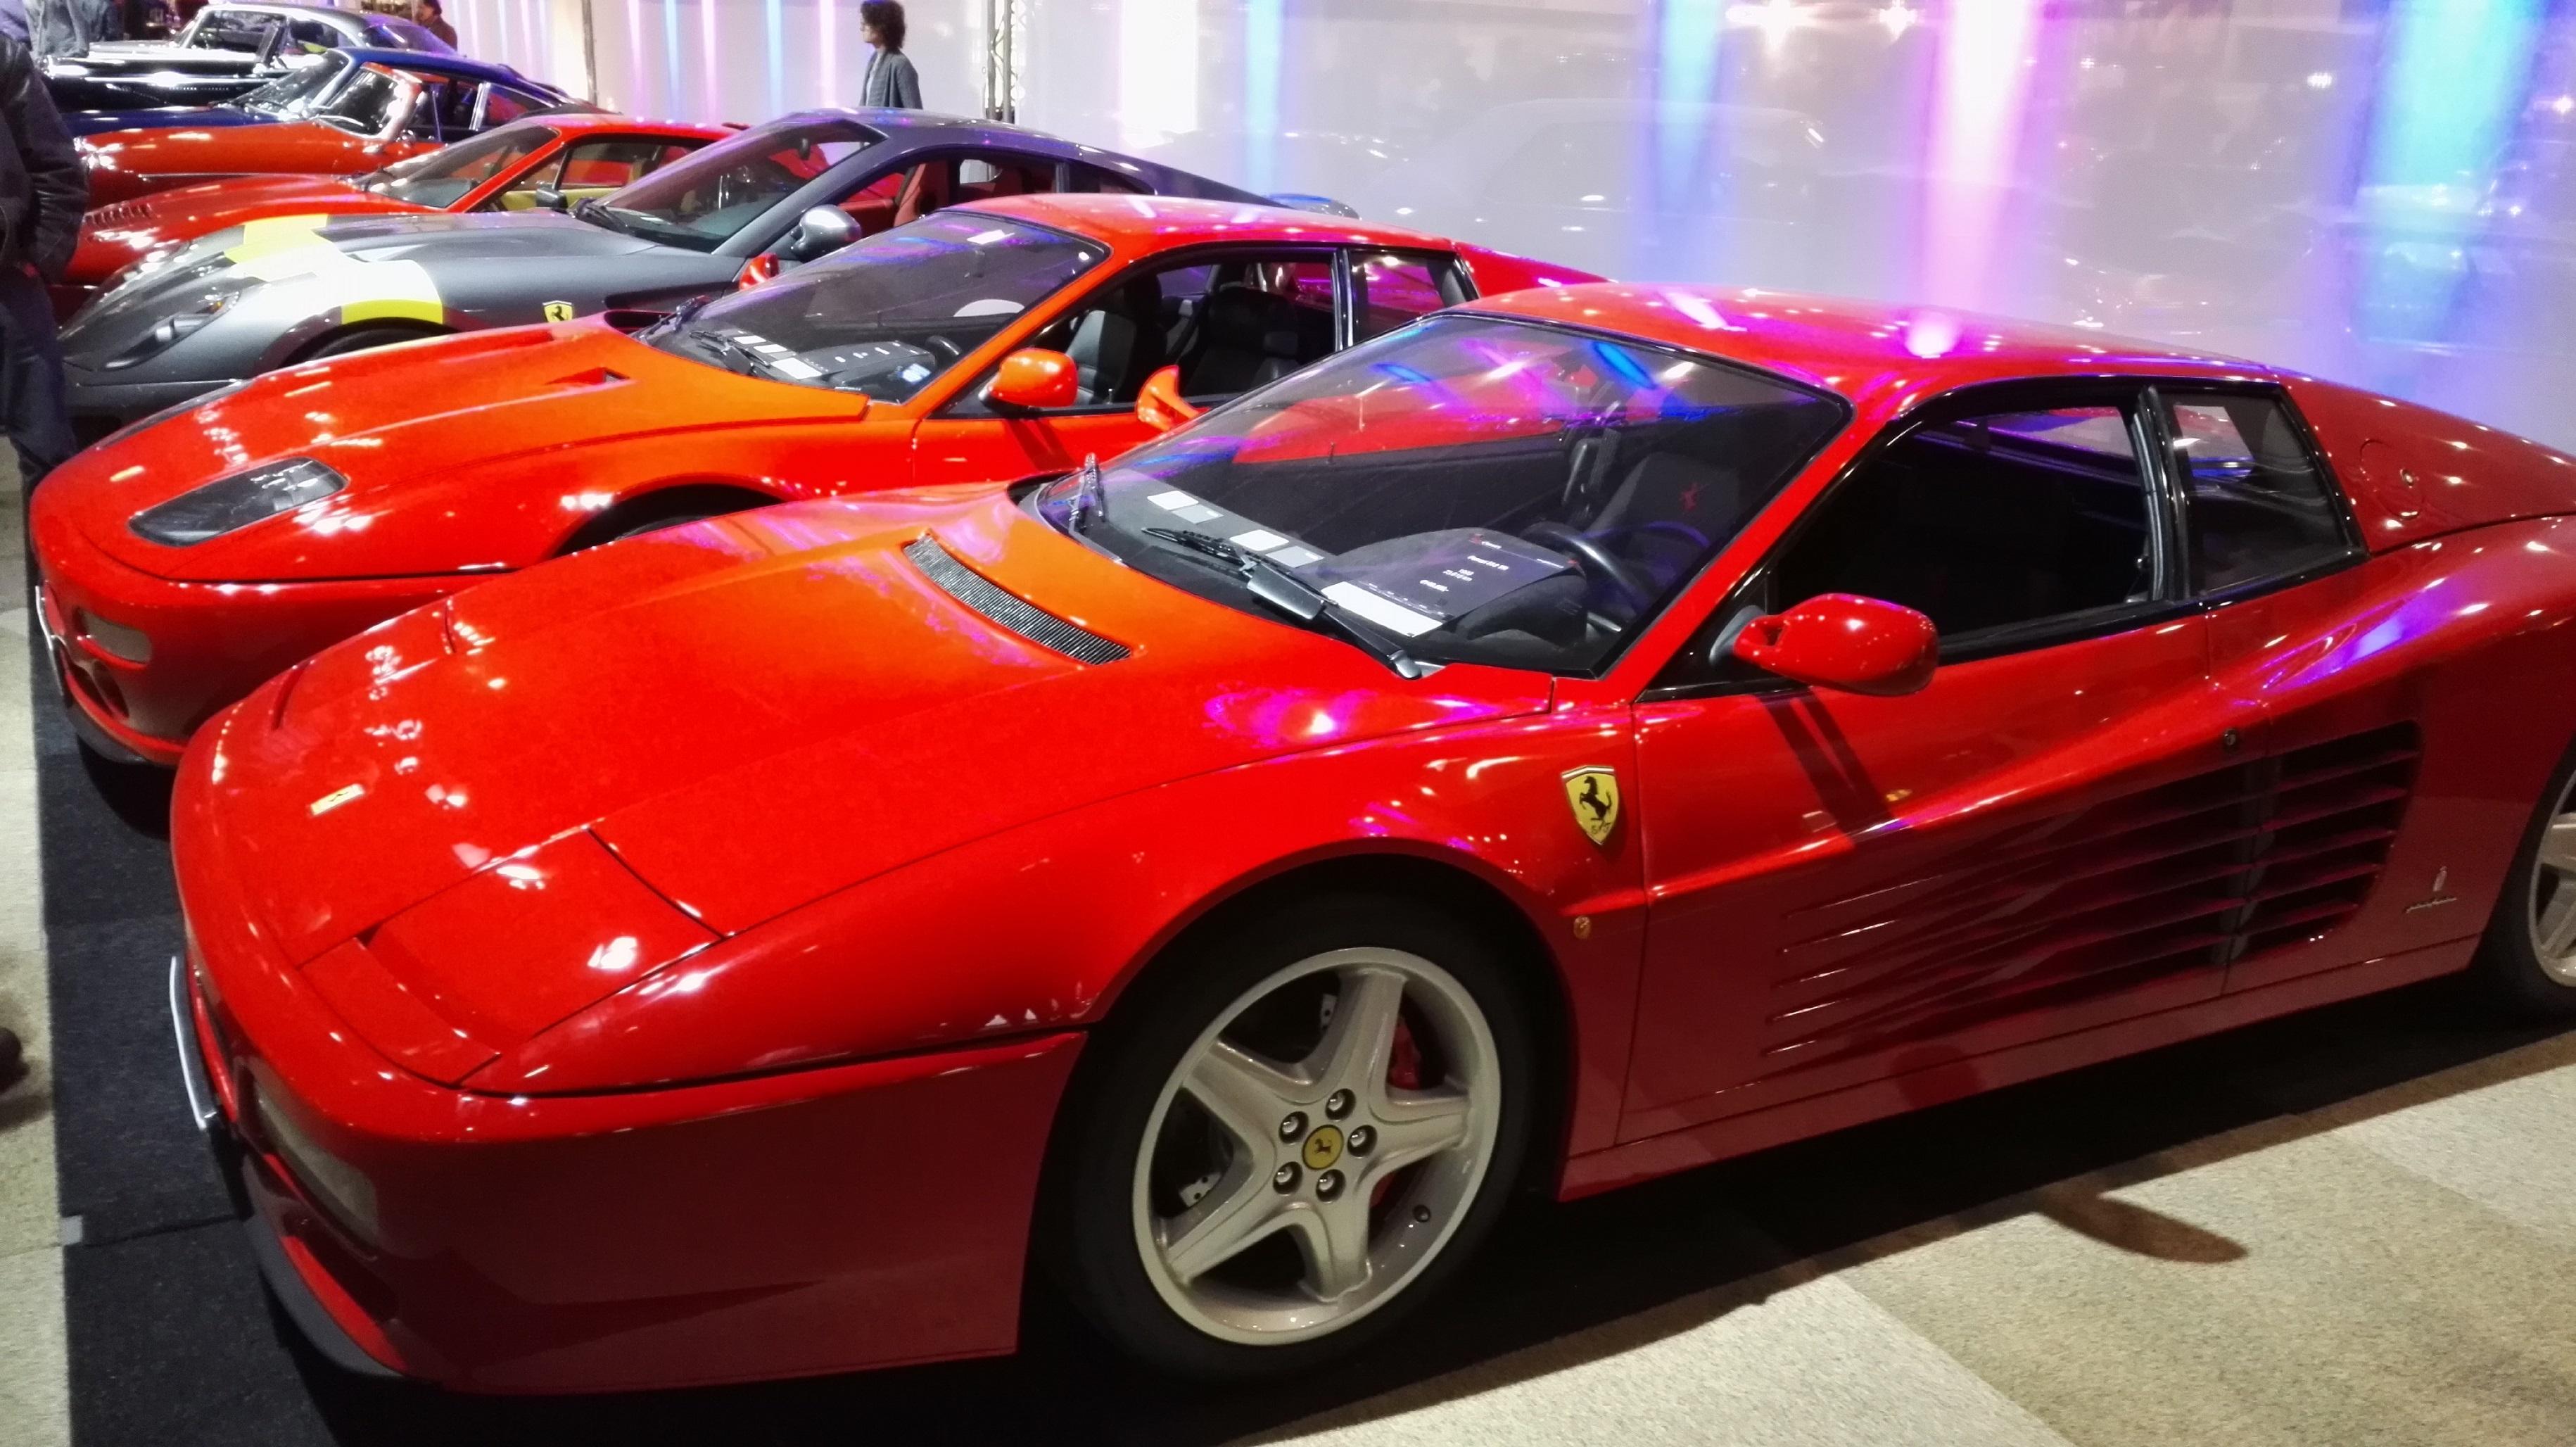 Ferrarikból sincs...